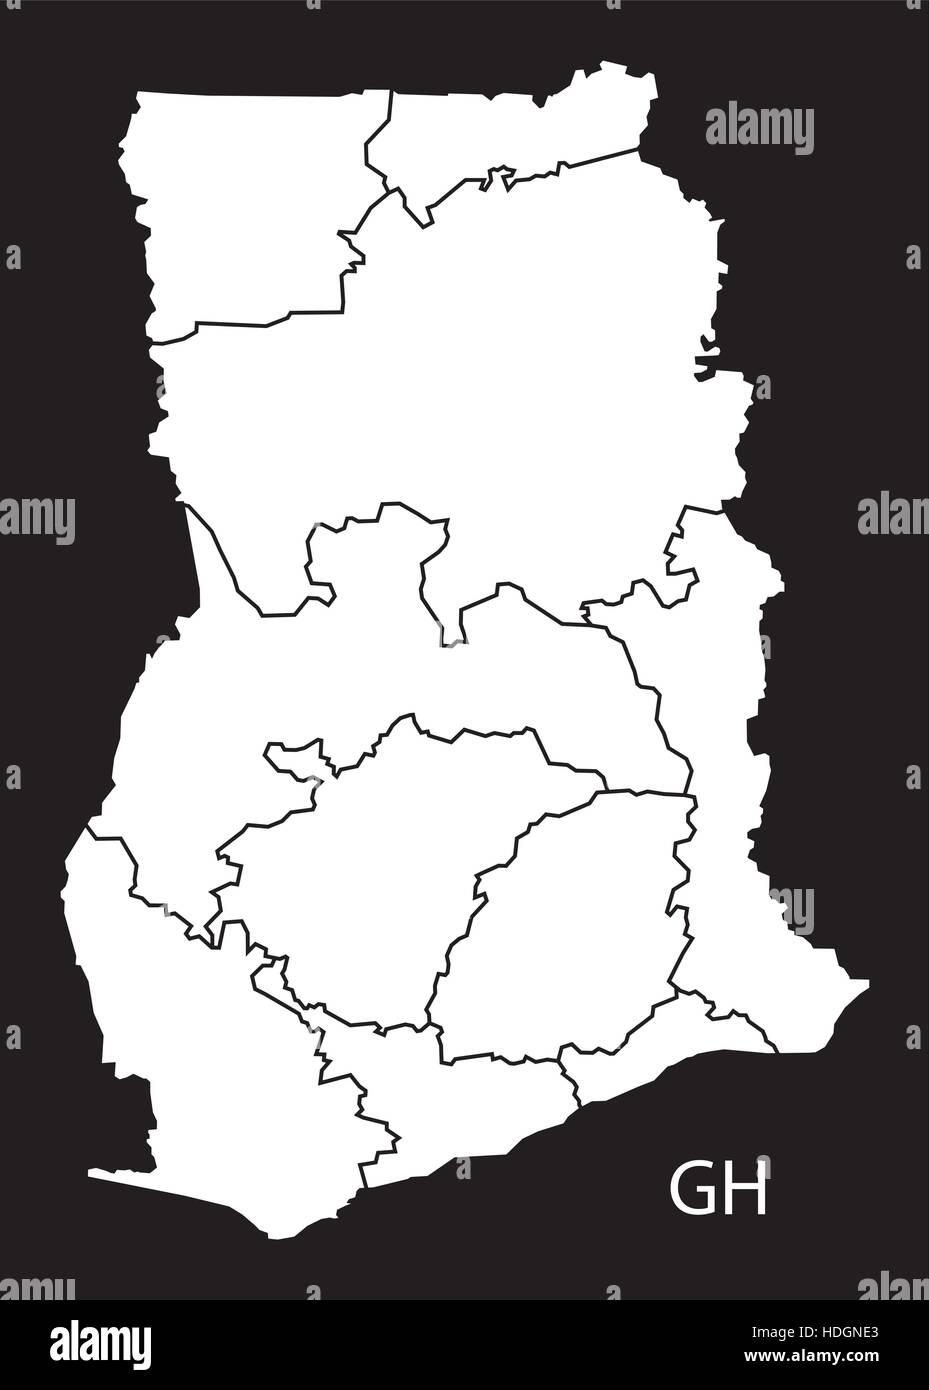 Ghana regions Map black and white illustration - Stock Vector